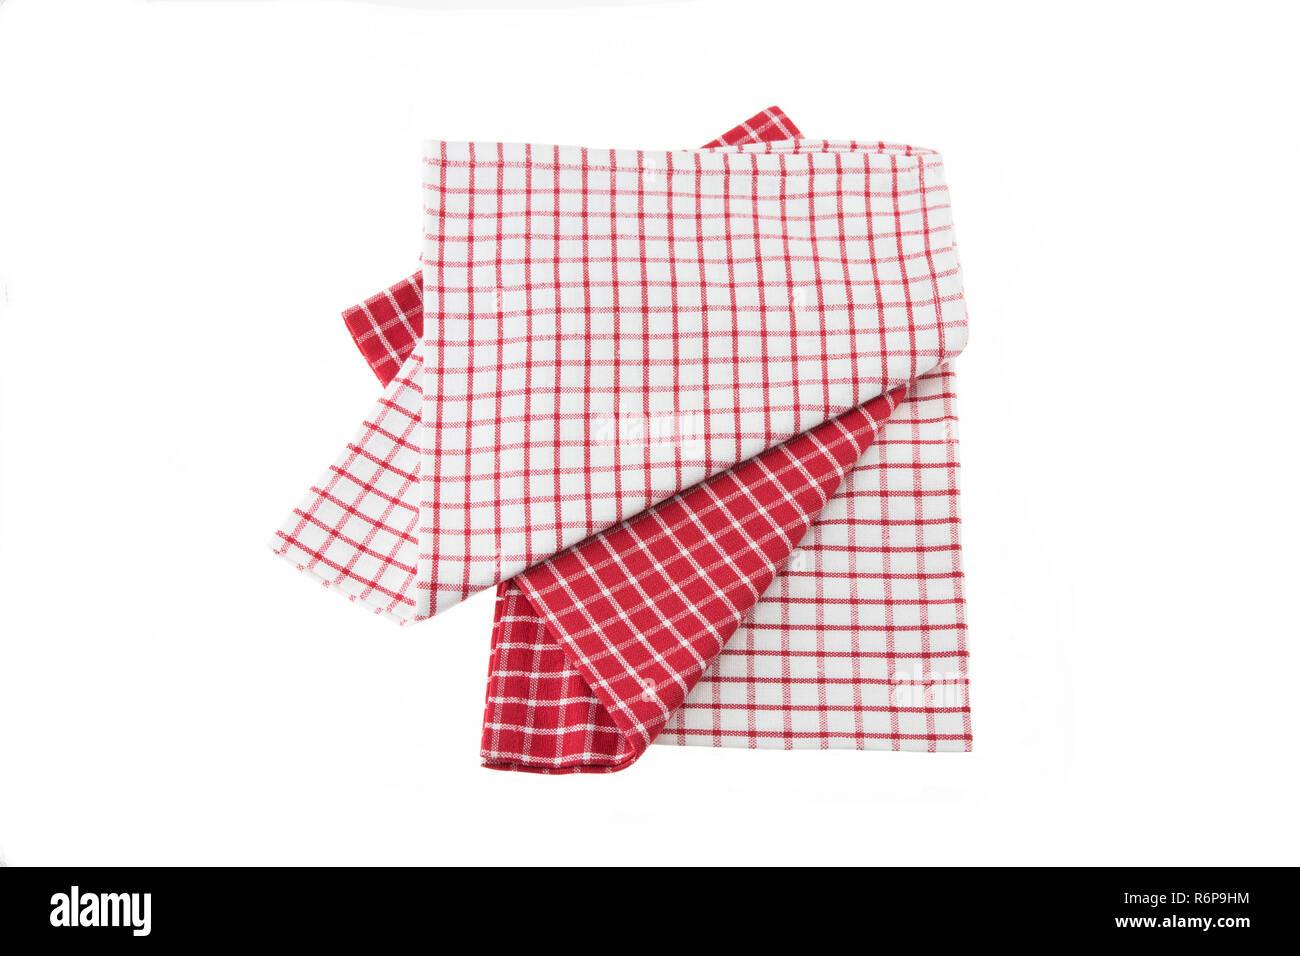 Küche Bettwäsche Rot Weiß Auf Weißem Hintergrund Kariert Stockfoto